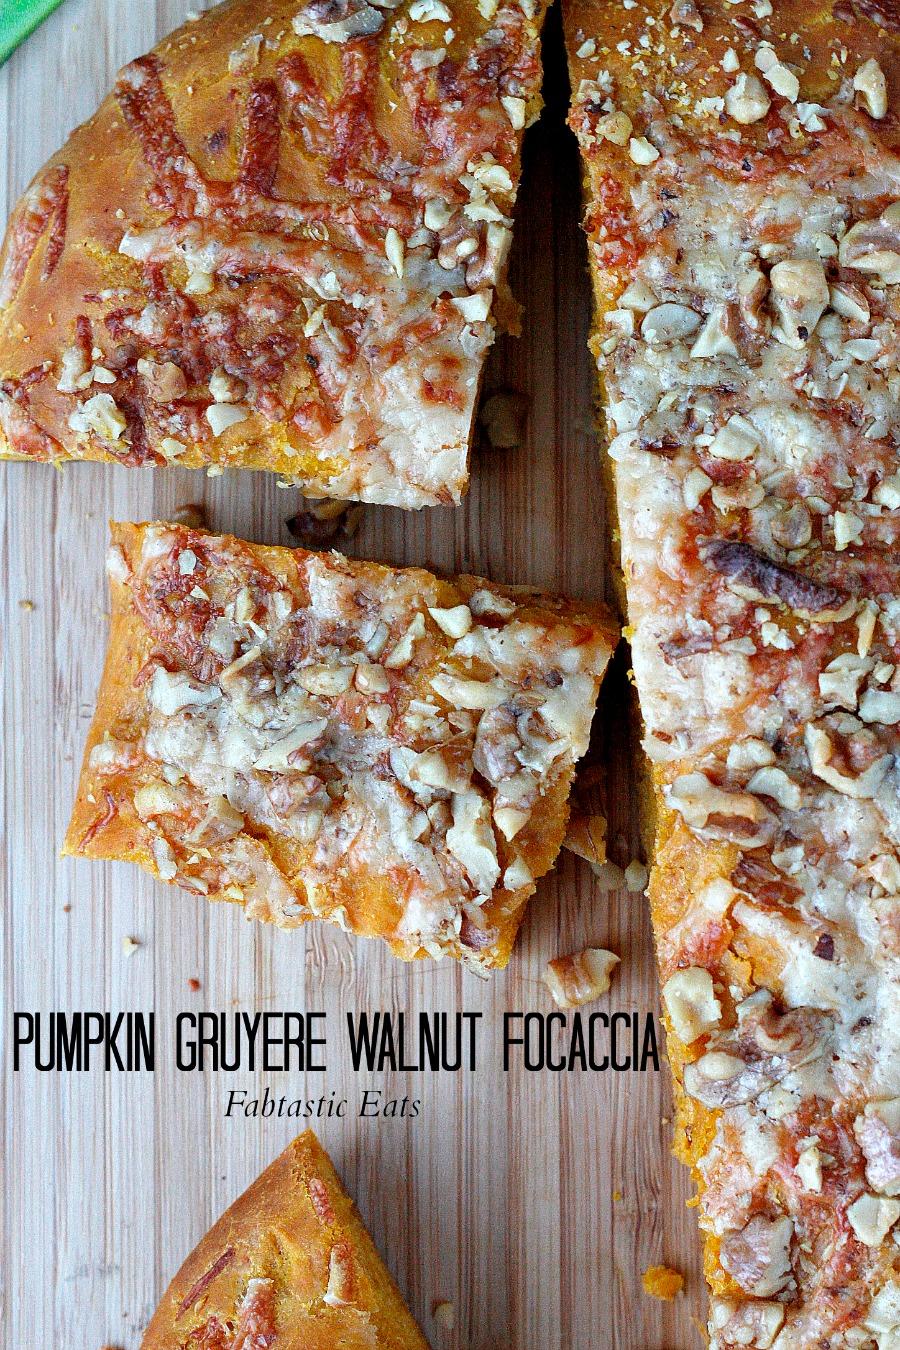 Pumpkin Gruyere Walnut Focaccia